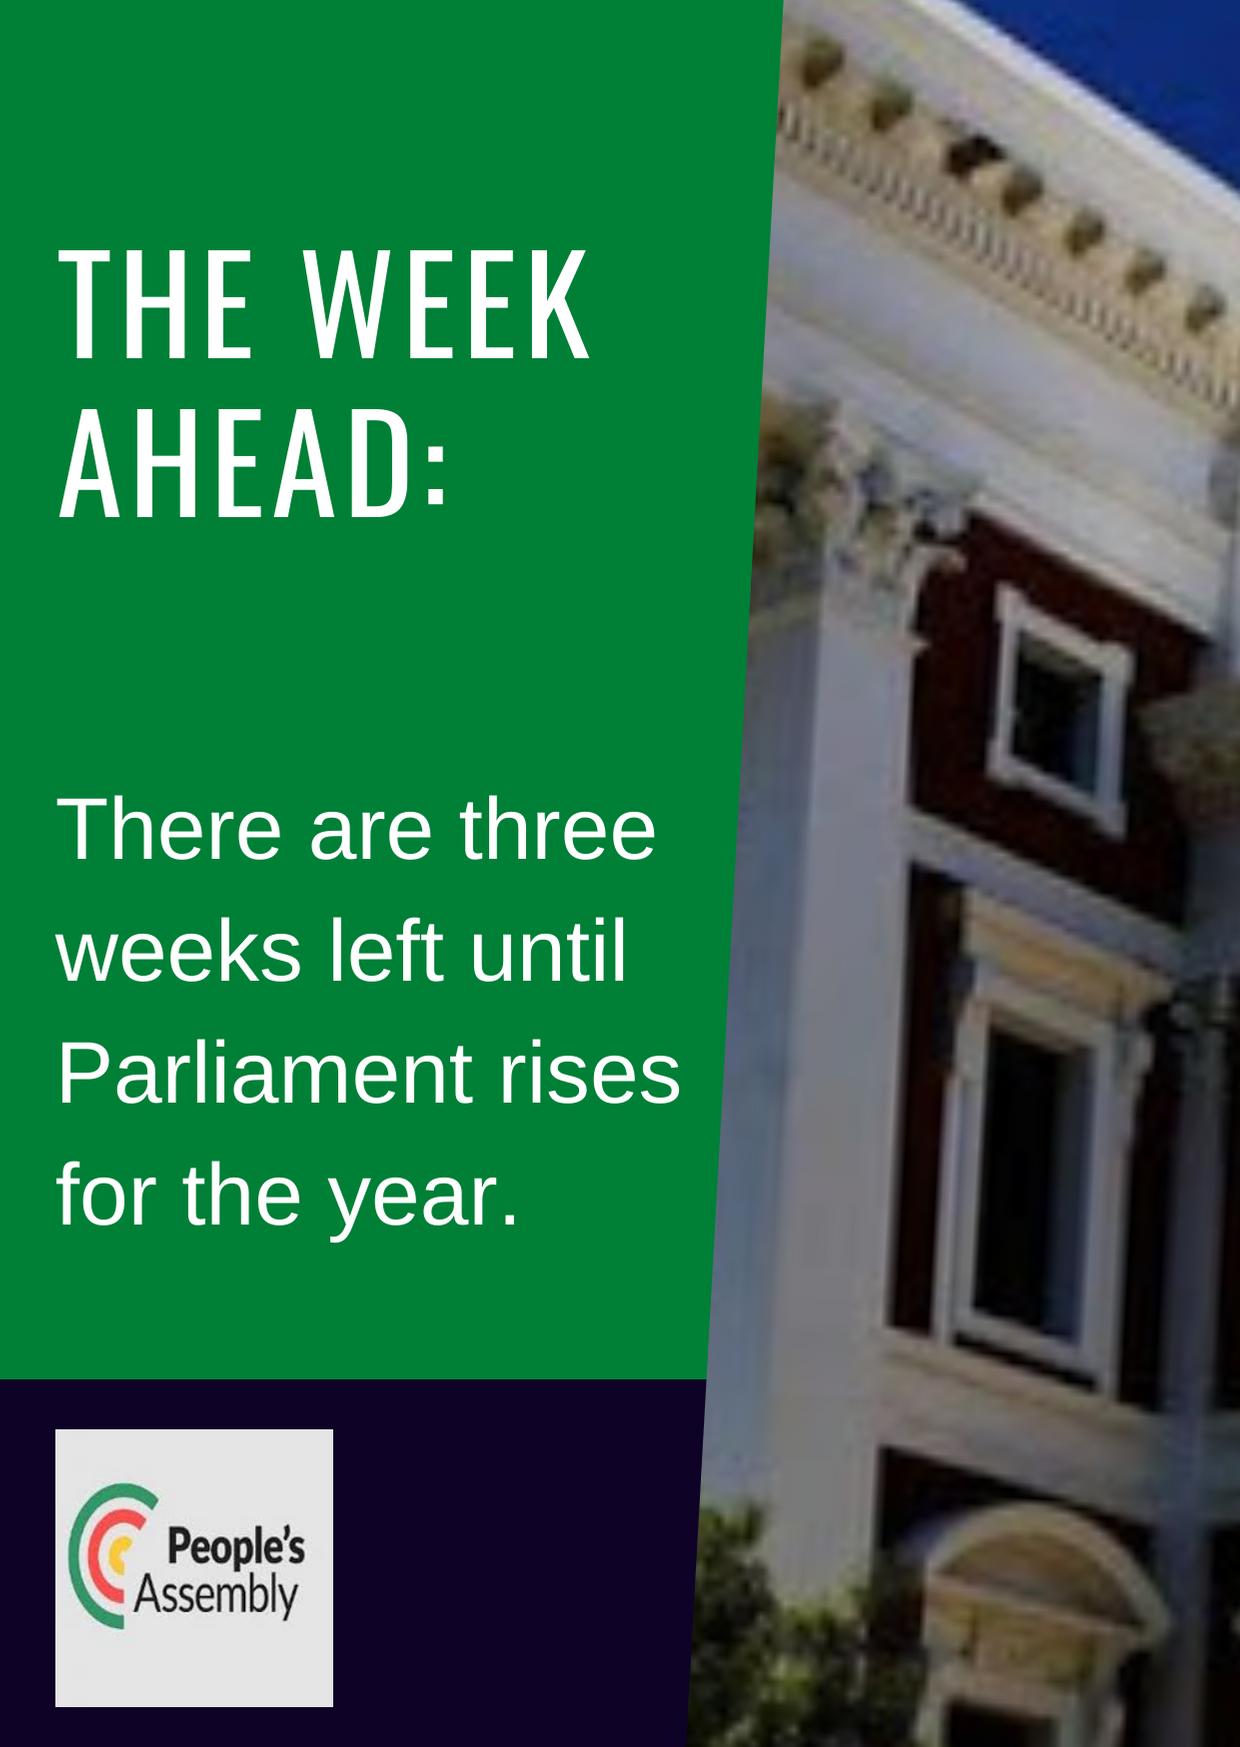 3 weeks until parli rises